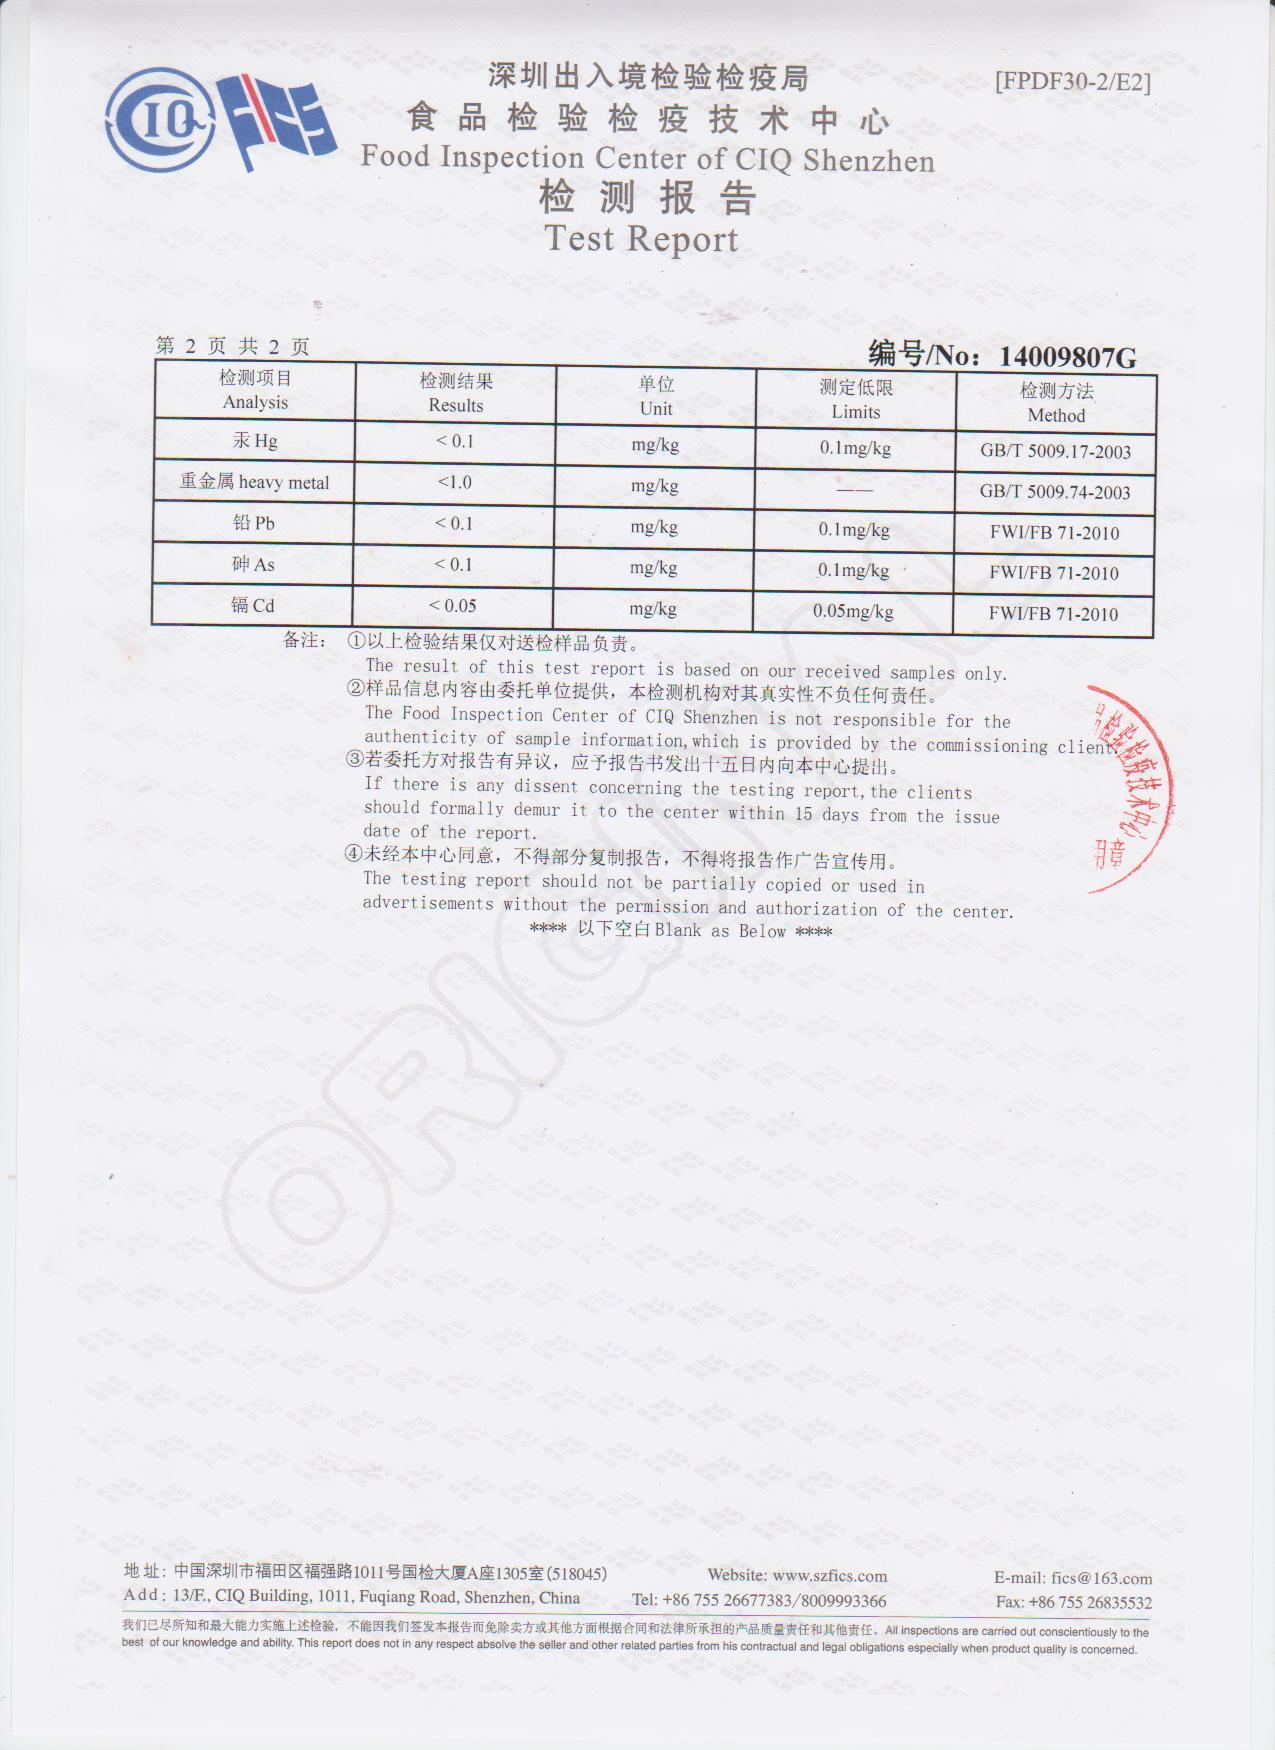 食品检疫检测报告 2.jpg